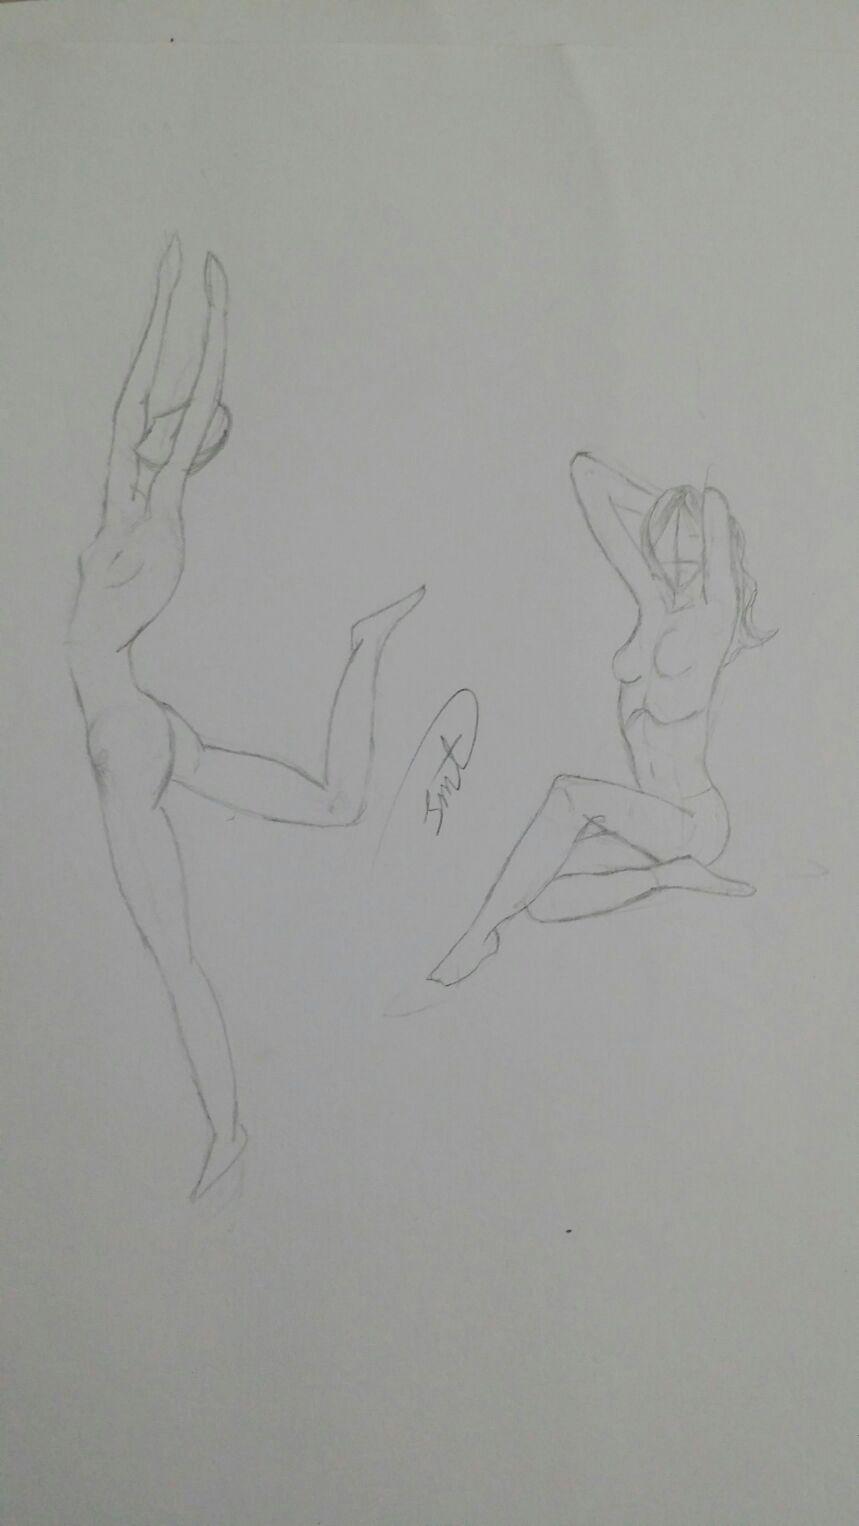 رسم شكل رجل وامرأة بقلم الرصاص